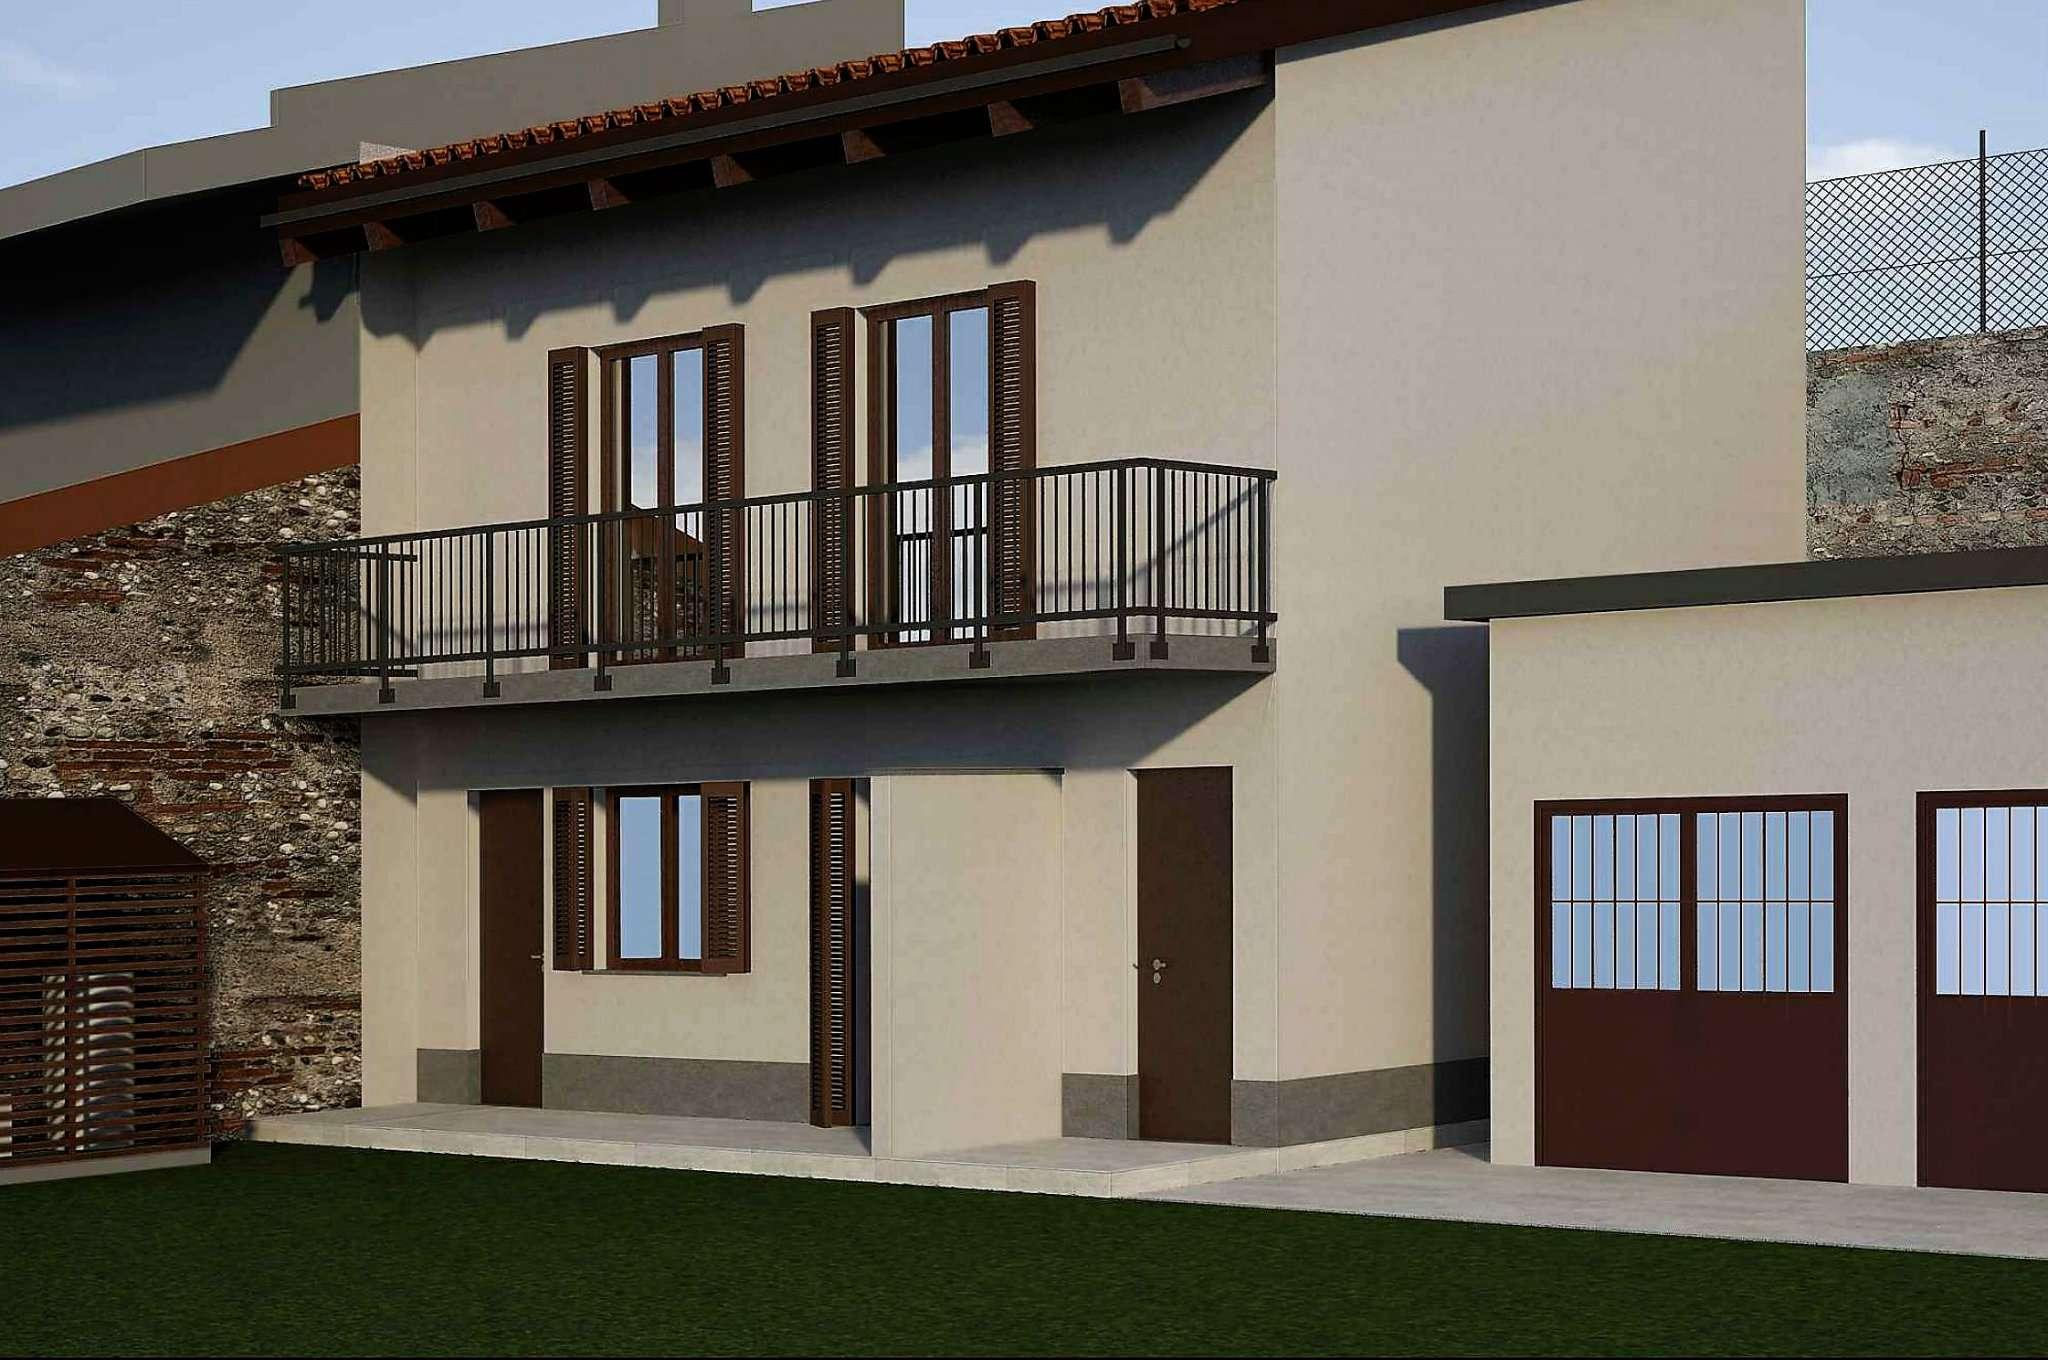 Appartamento in vendita a Rivalta di Torino, 2 locali, prezzo € 75.000 | CambioCasa.it